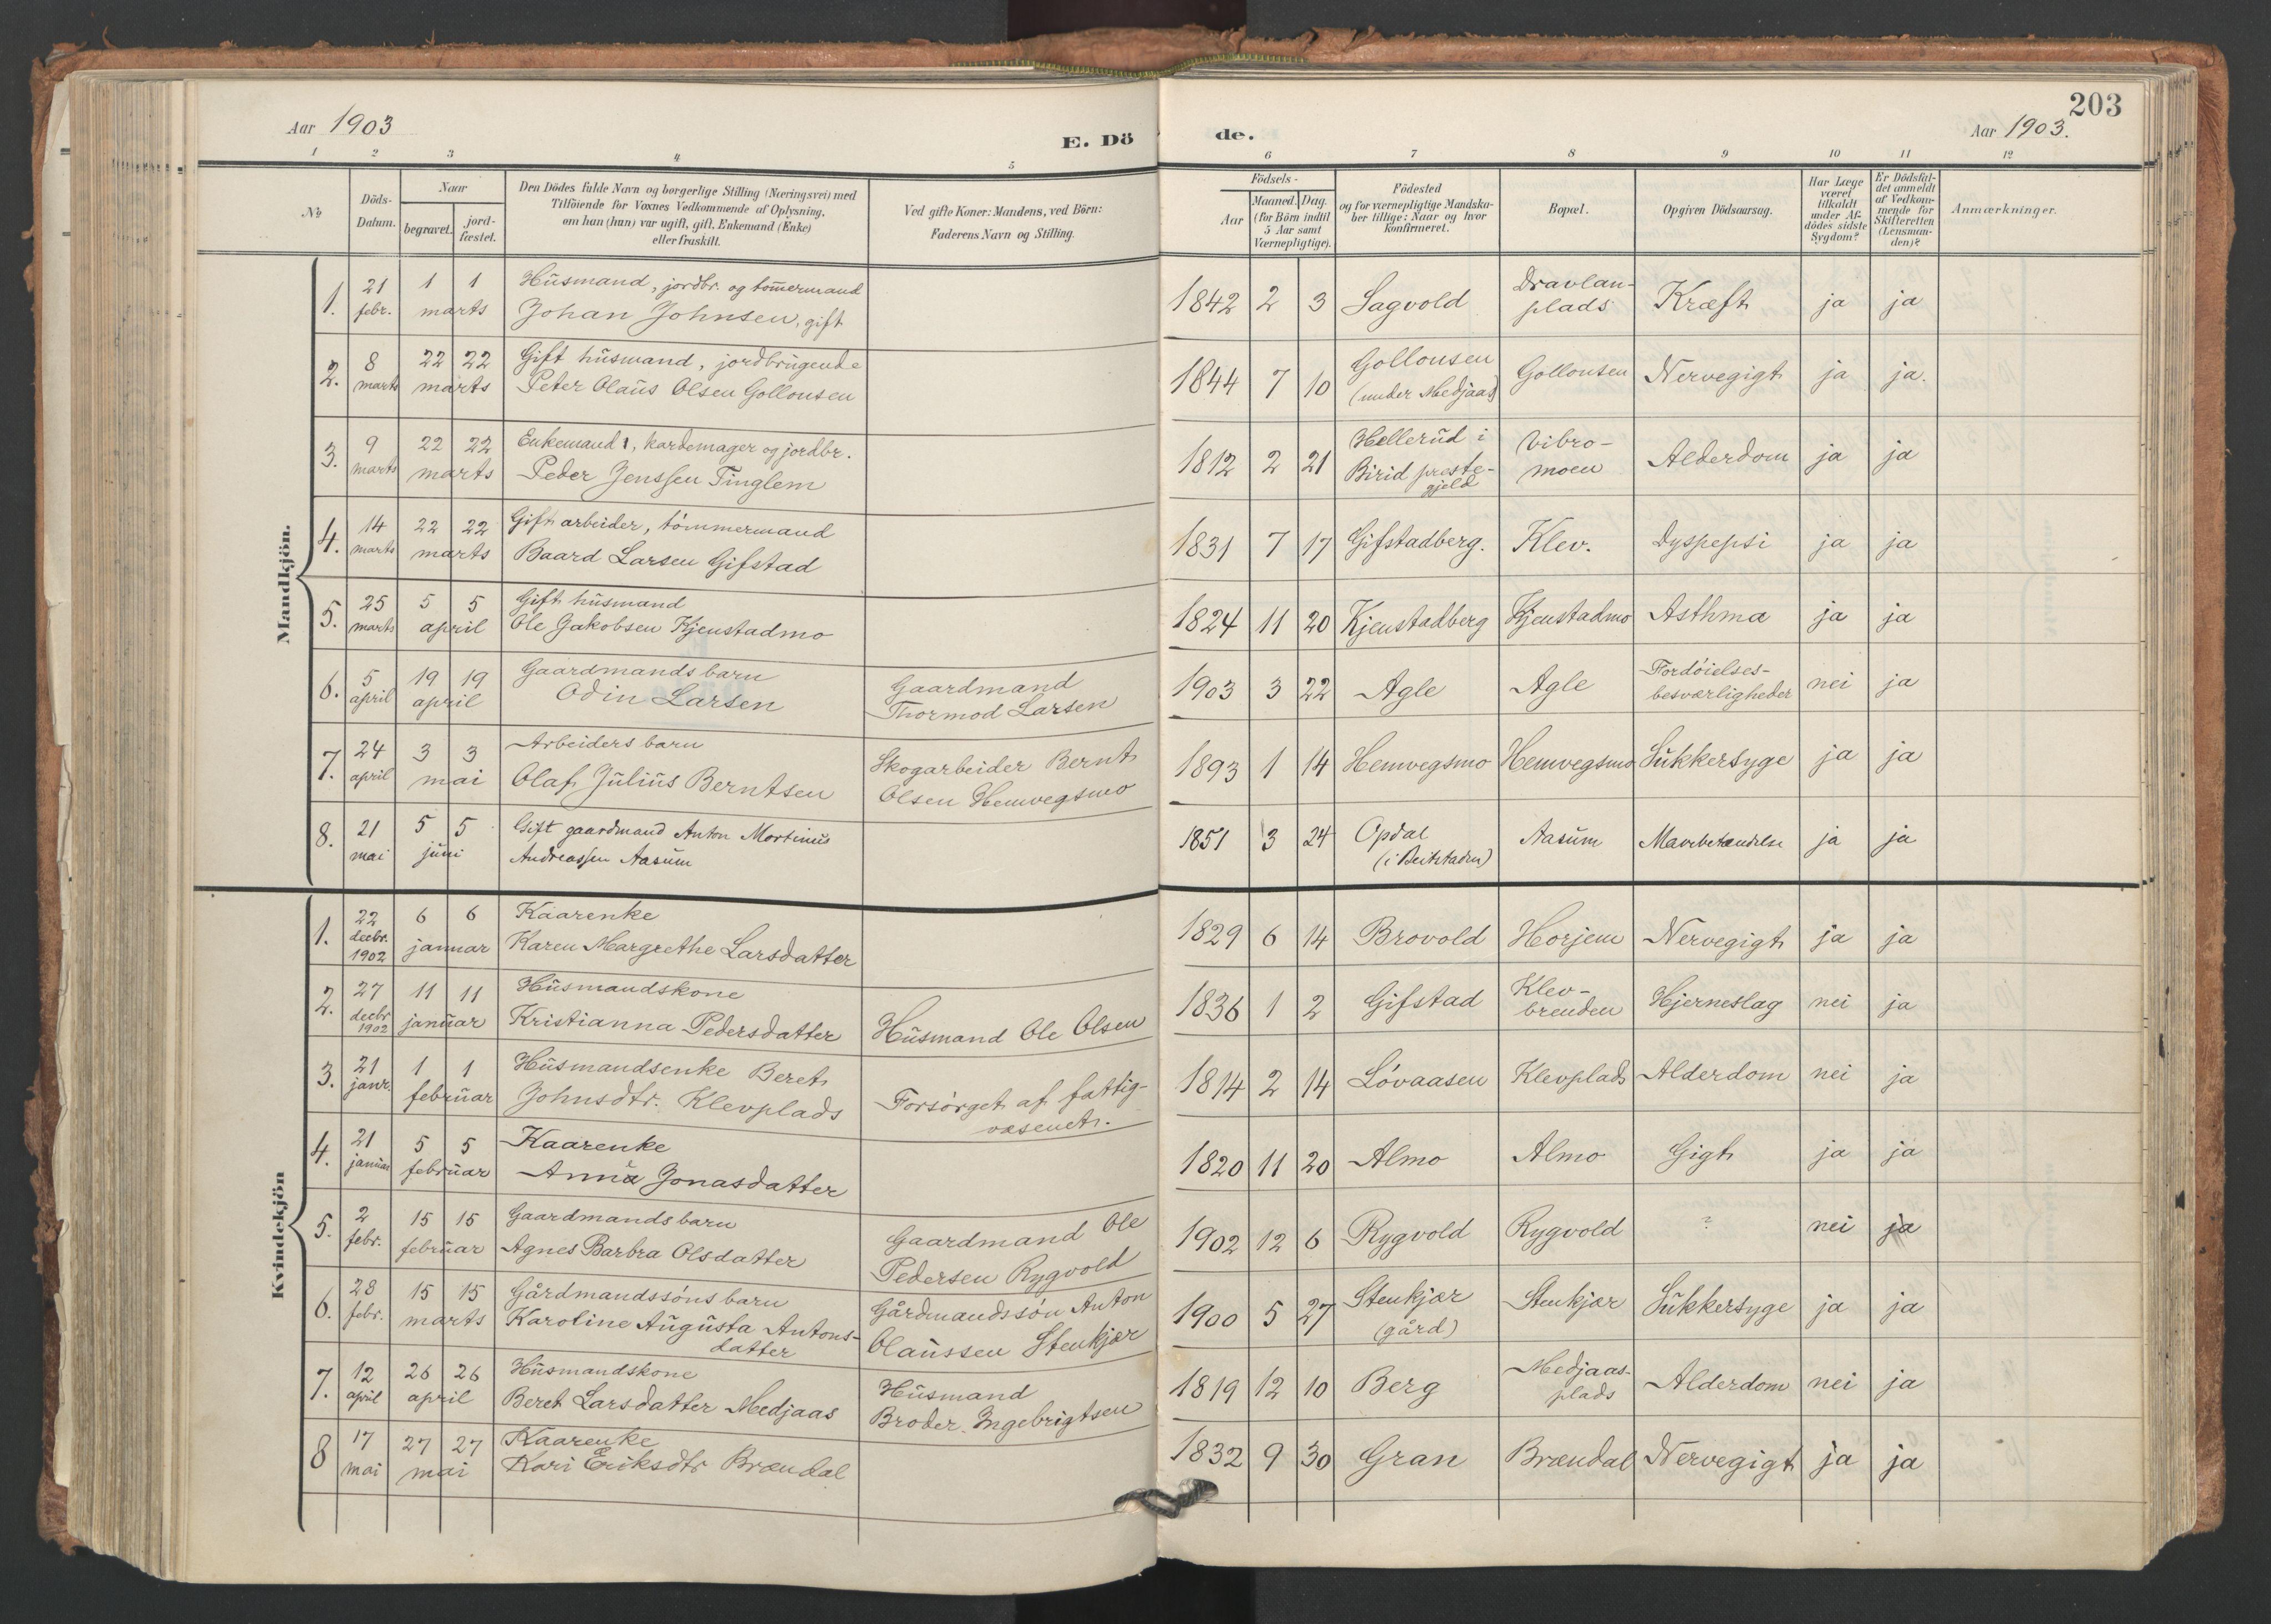 SAT, Ministerialprotokoller, klokkerbøker og fødselsregistre - Nord-Trøndelag, 749/L0477: Ministerialbok nr. 749A11, 1902-1927, s. 203